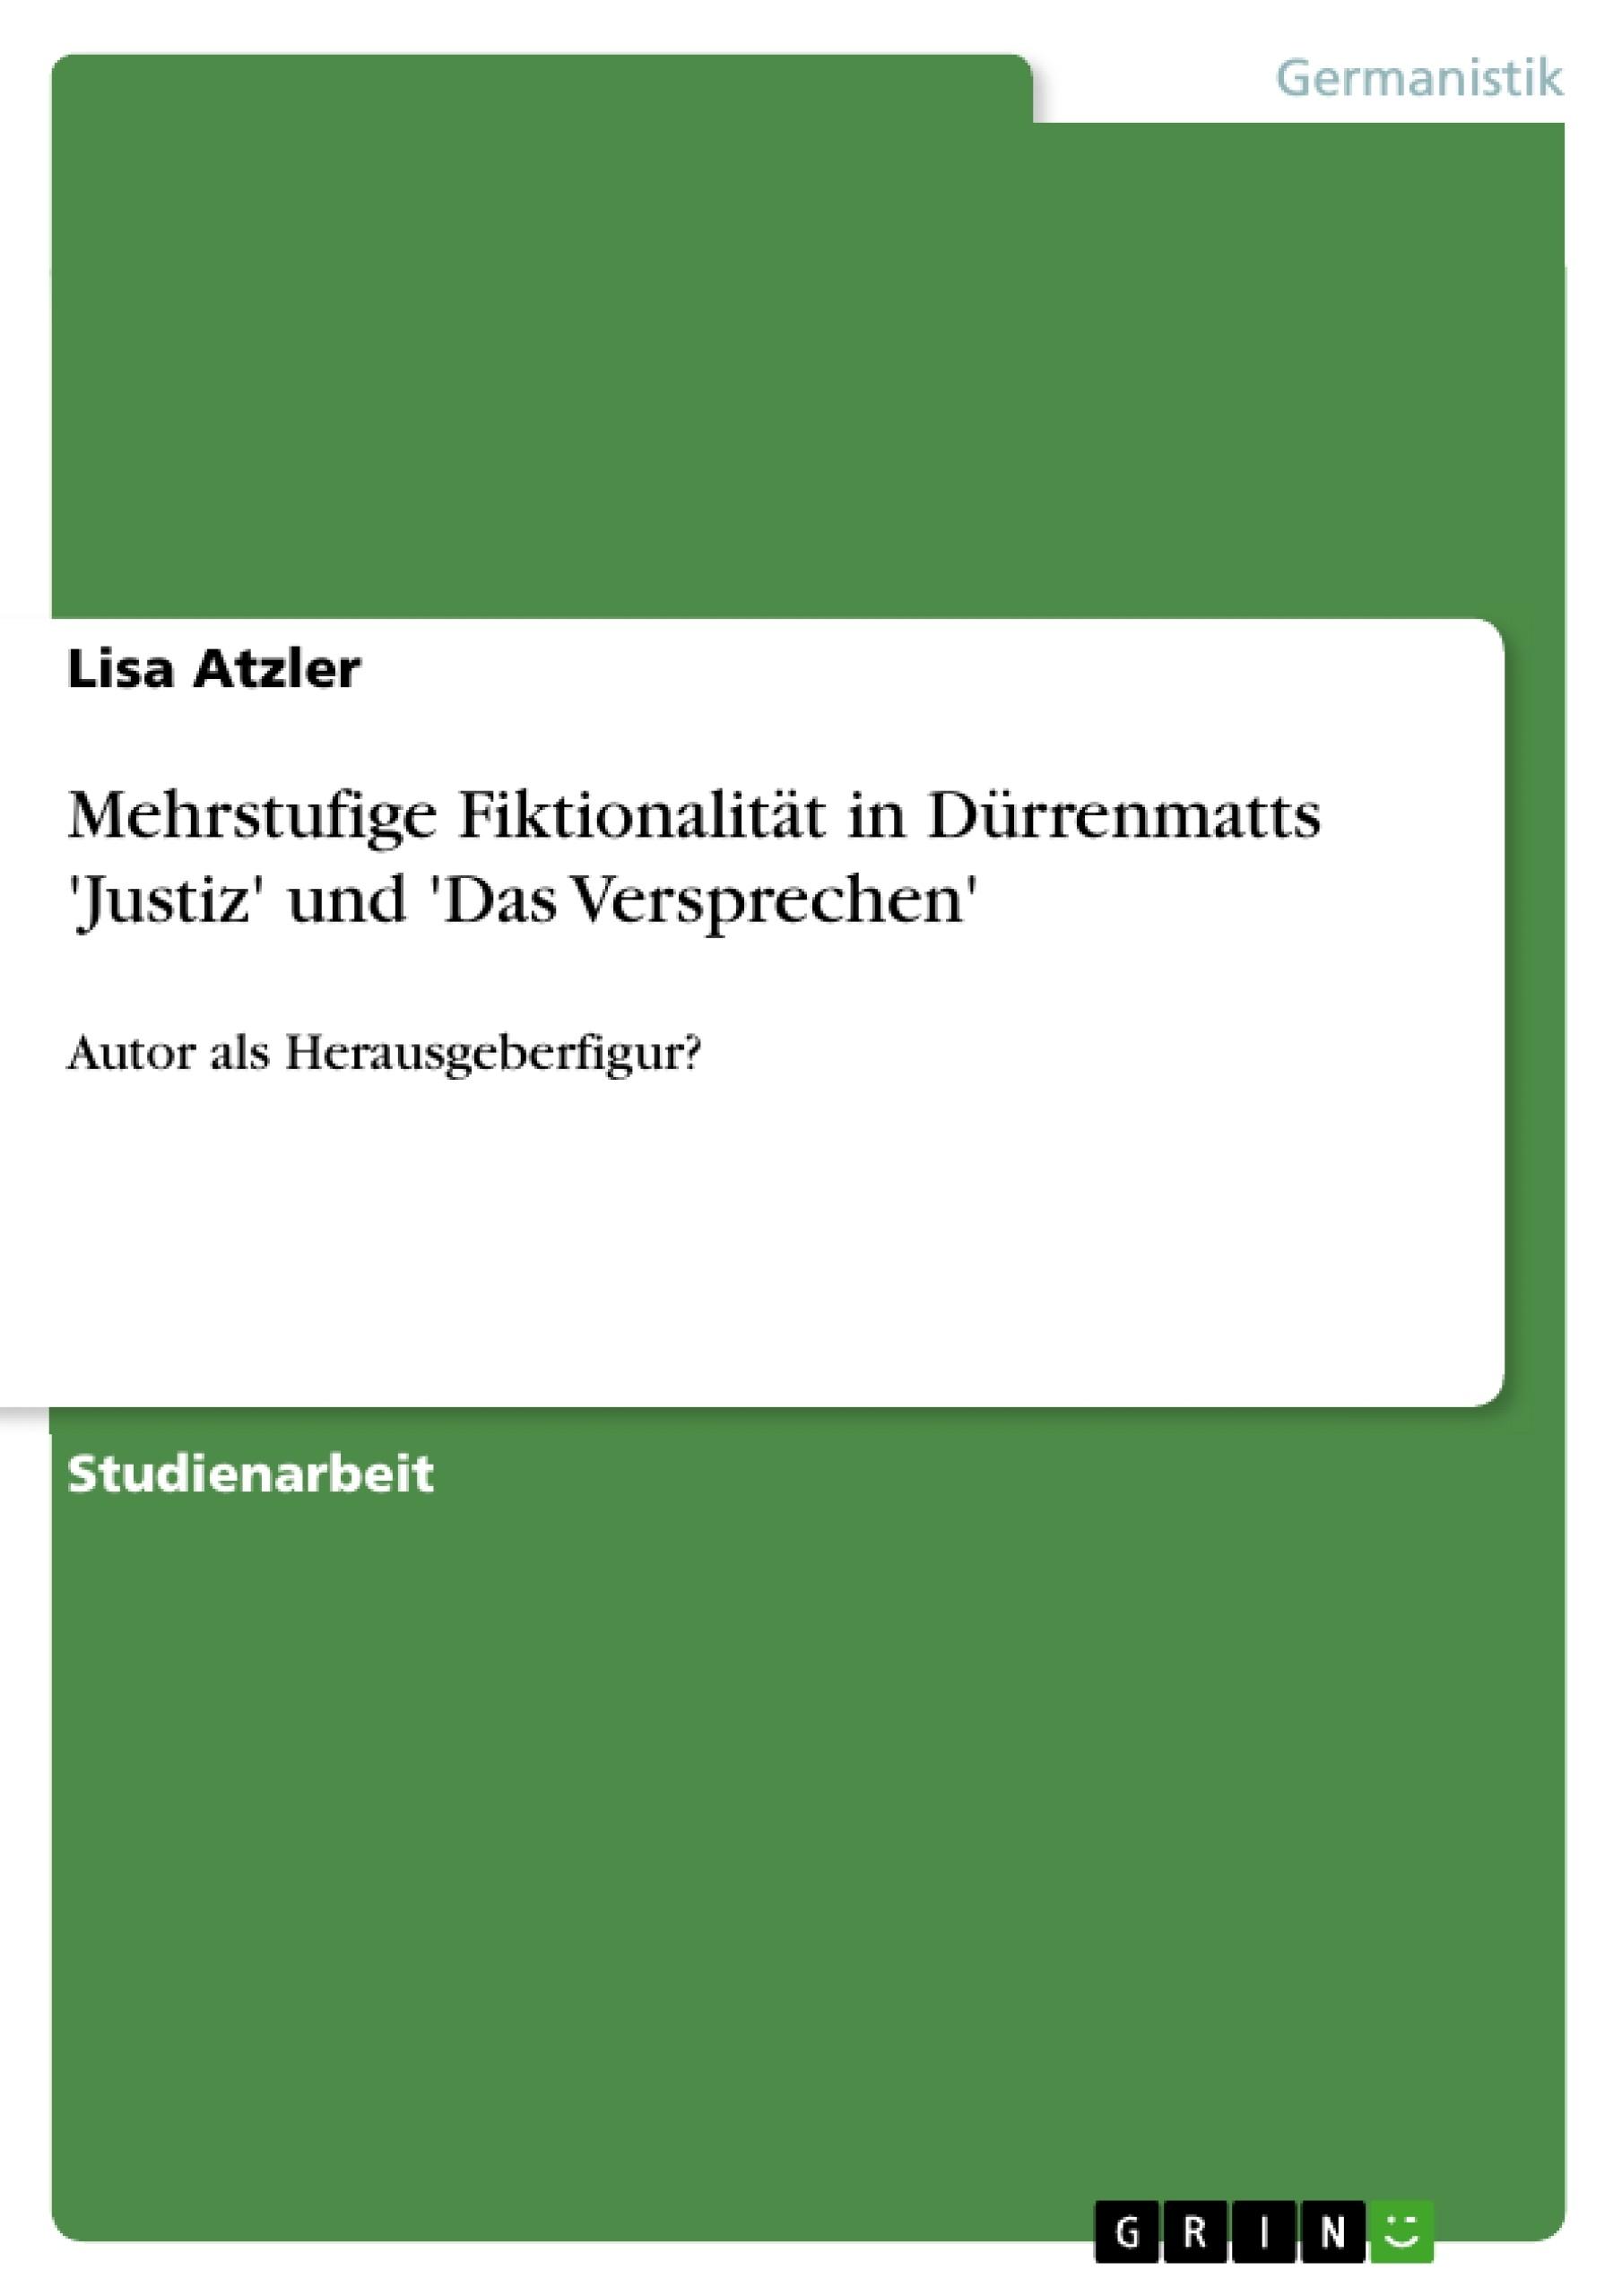 Titel: Mehrstufige Fiktionalität in Dürrenmatts 'Justiz' und 'Das Versprechen'